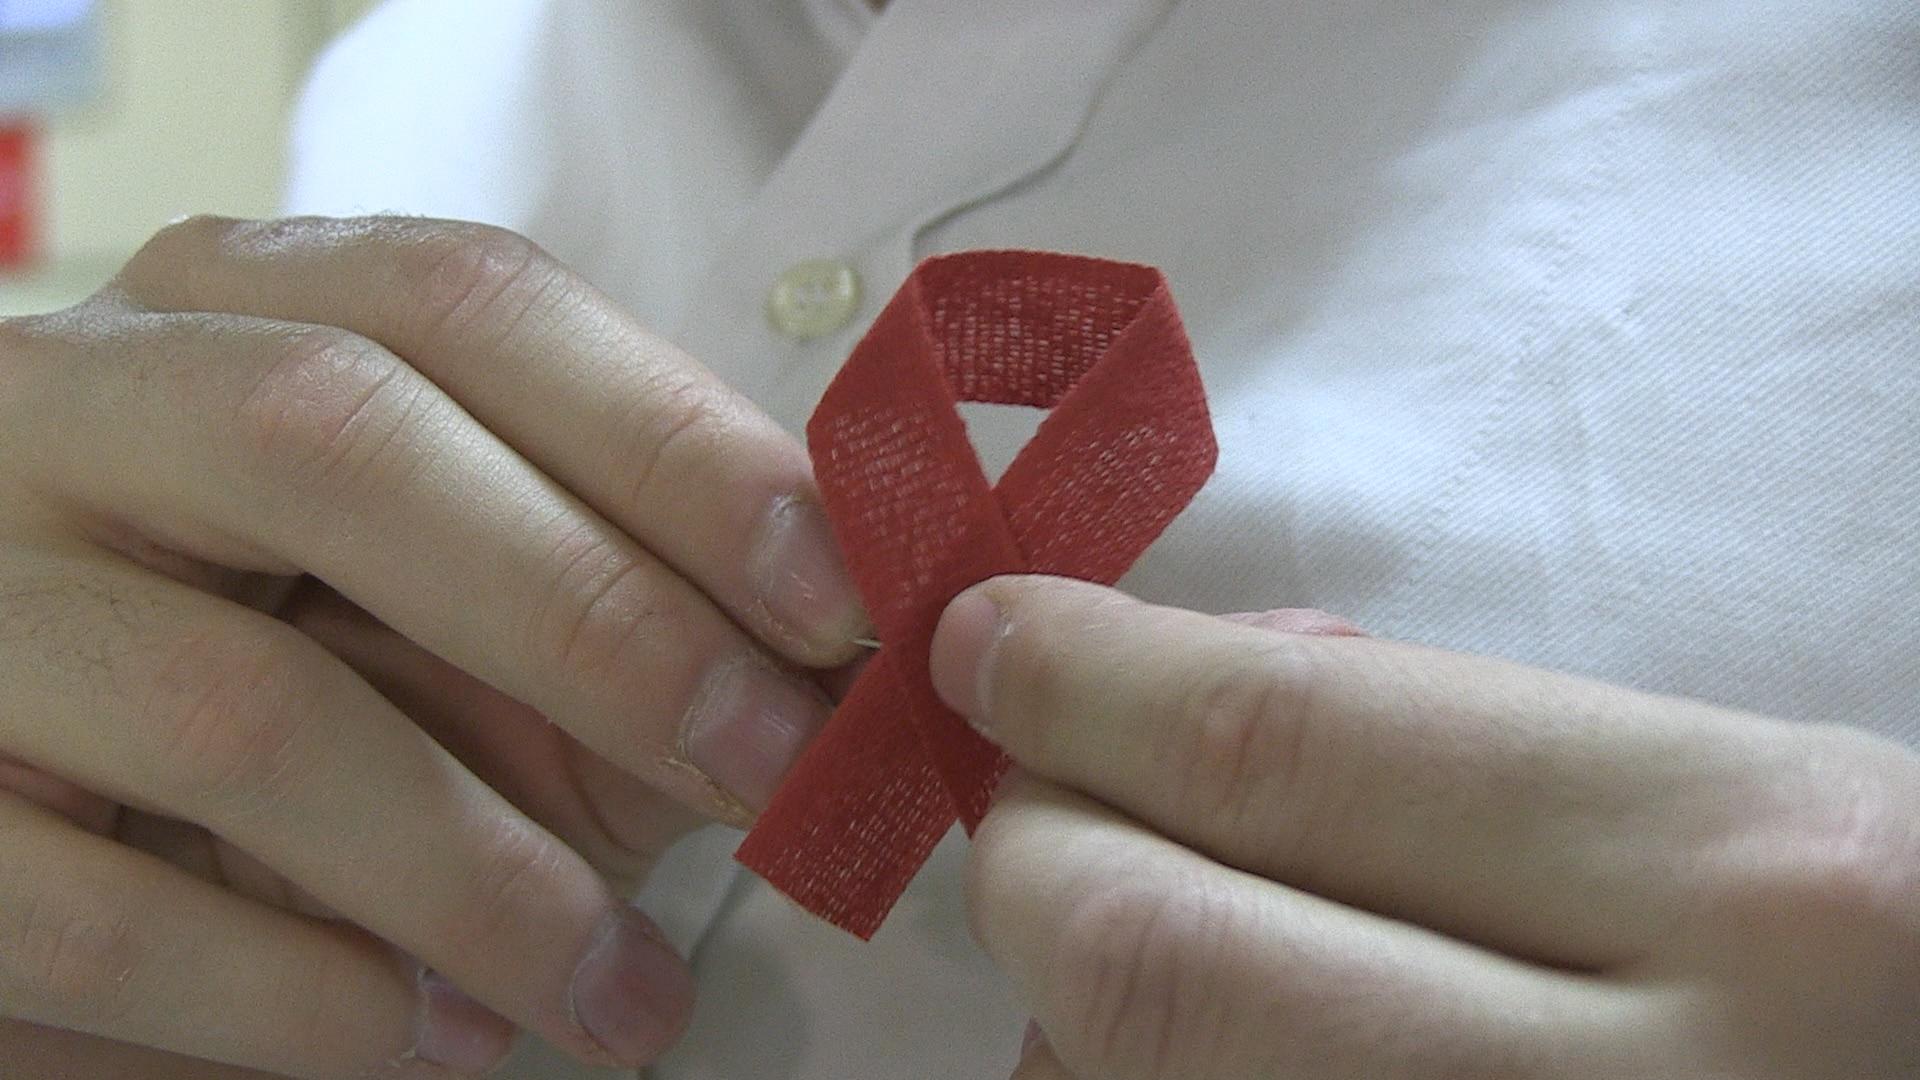 La enfermería reclama que los jóvenes, que han perdido el miedo al VIH, reciban más información para prevenir la infección